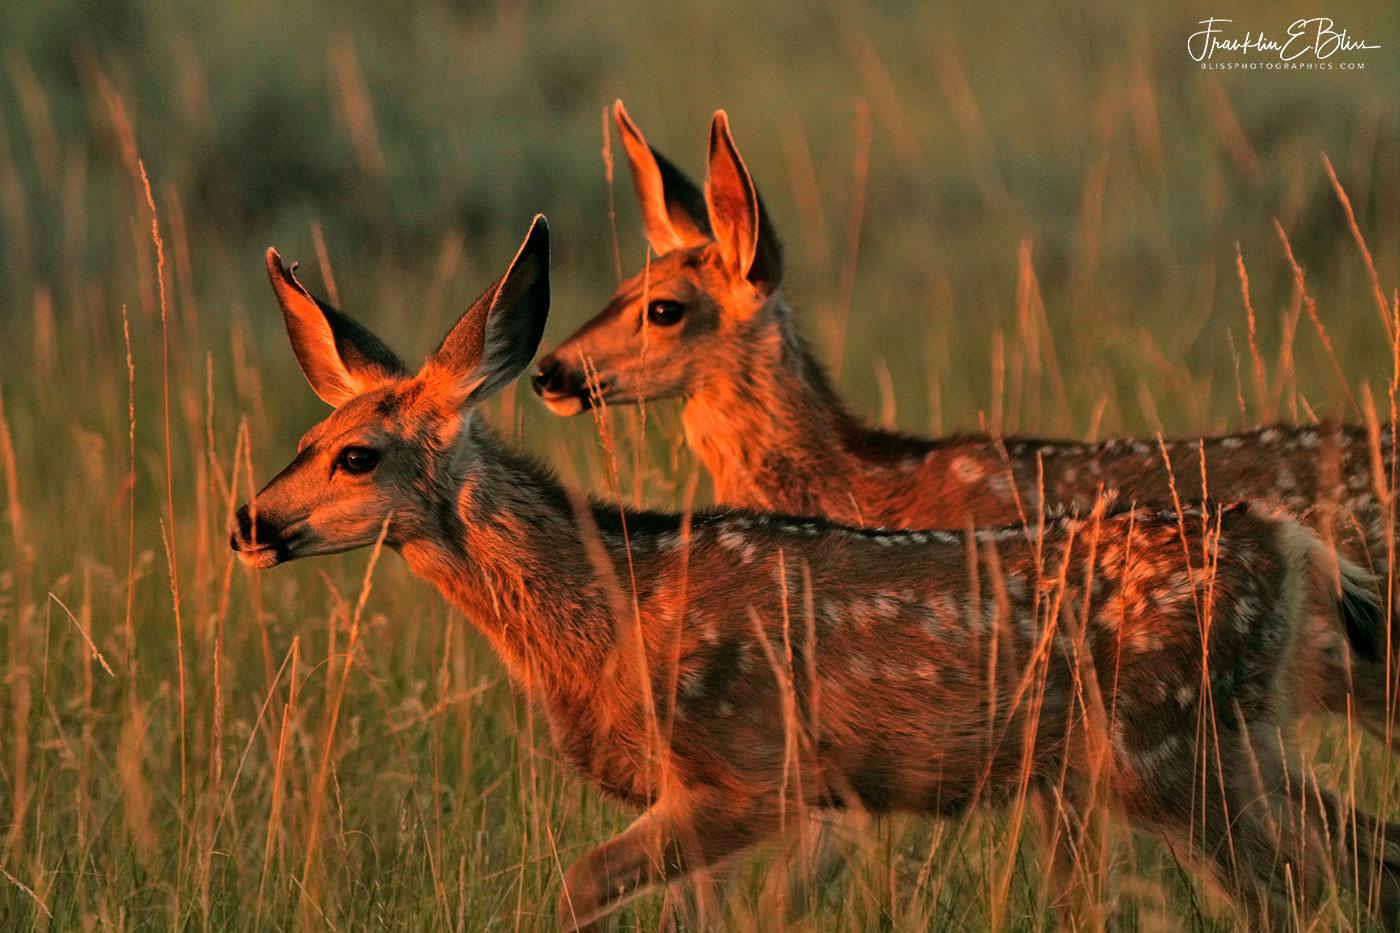 Deer Twins Golden Hour